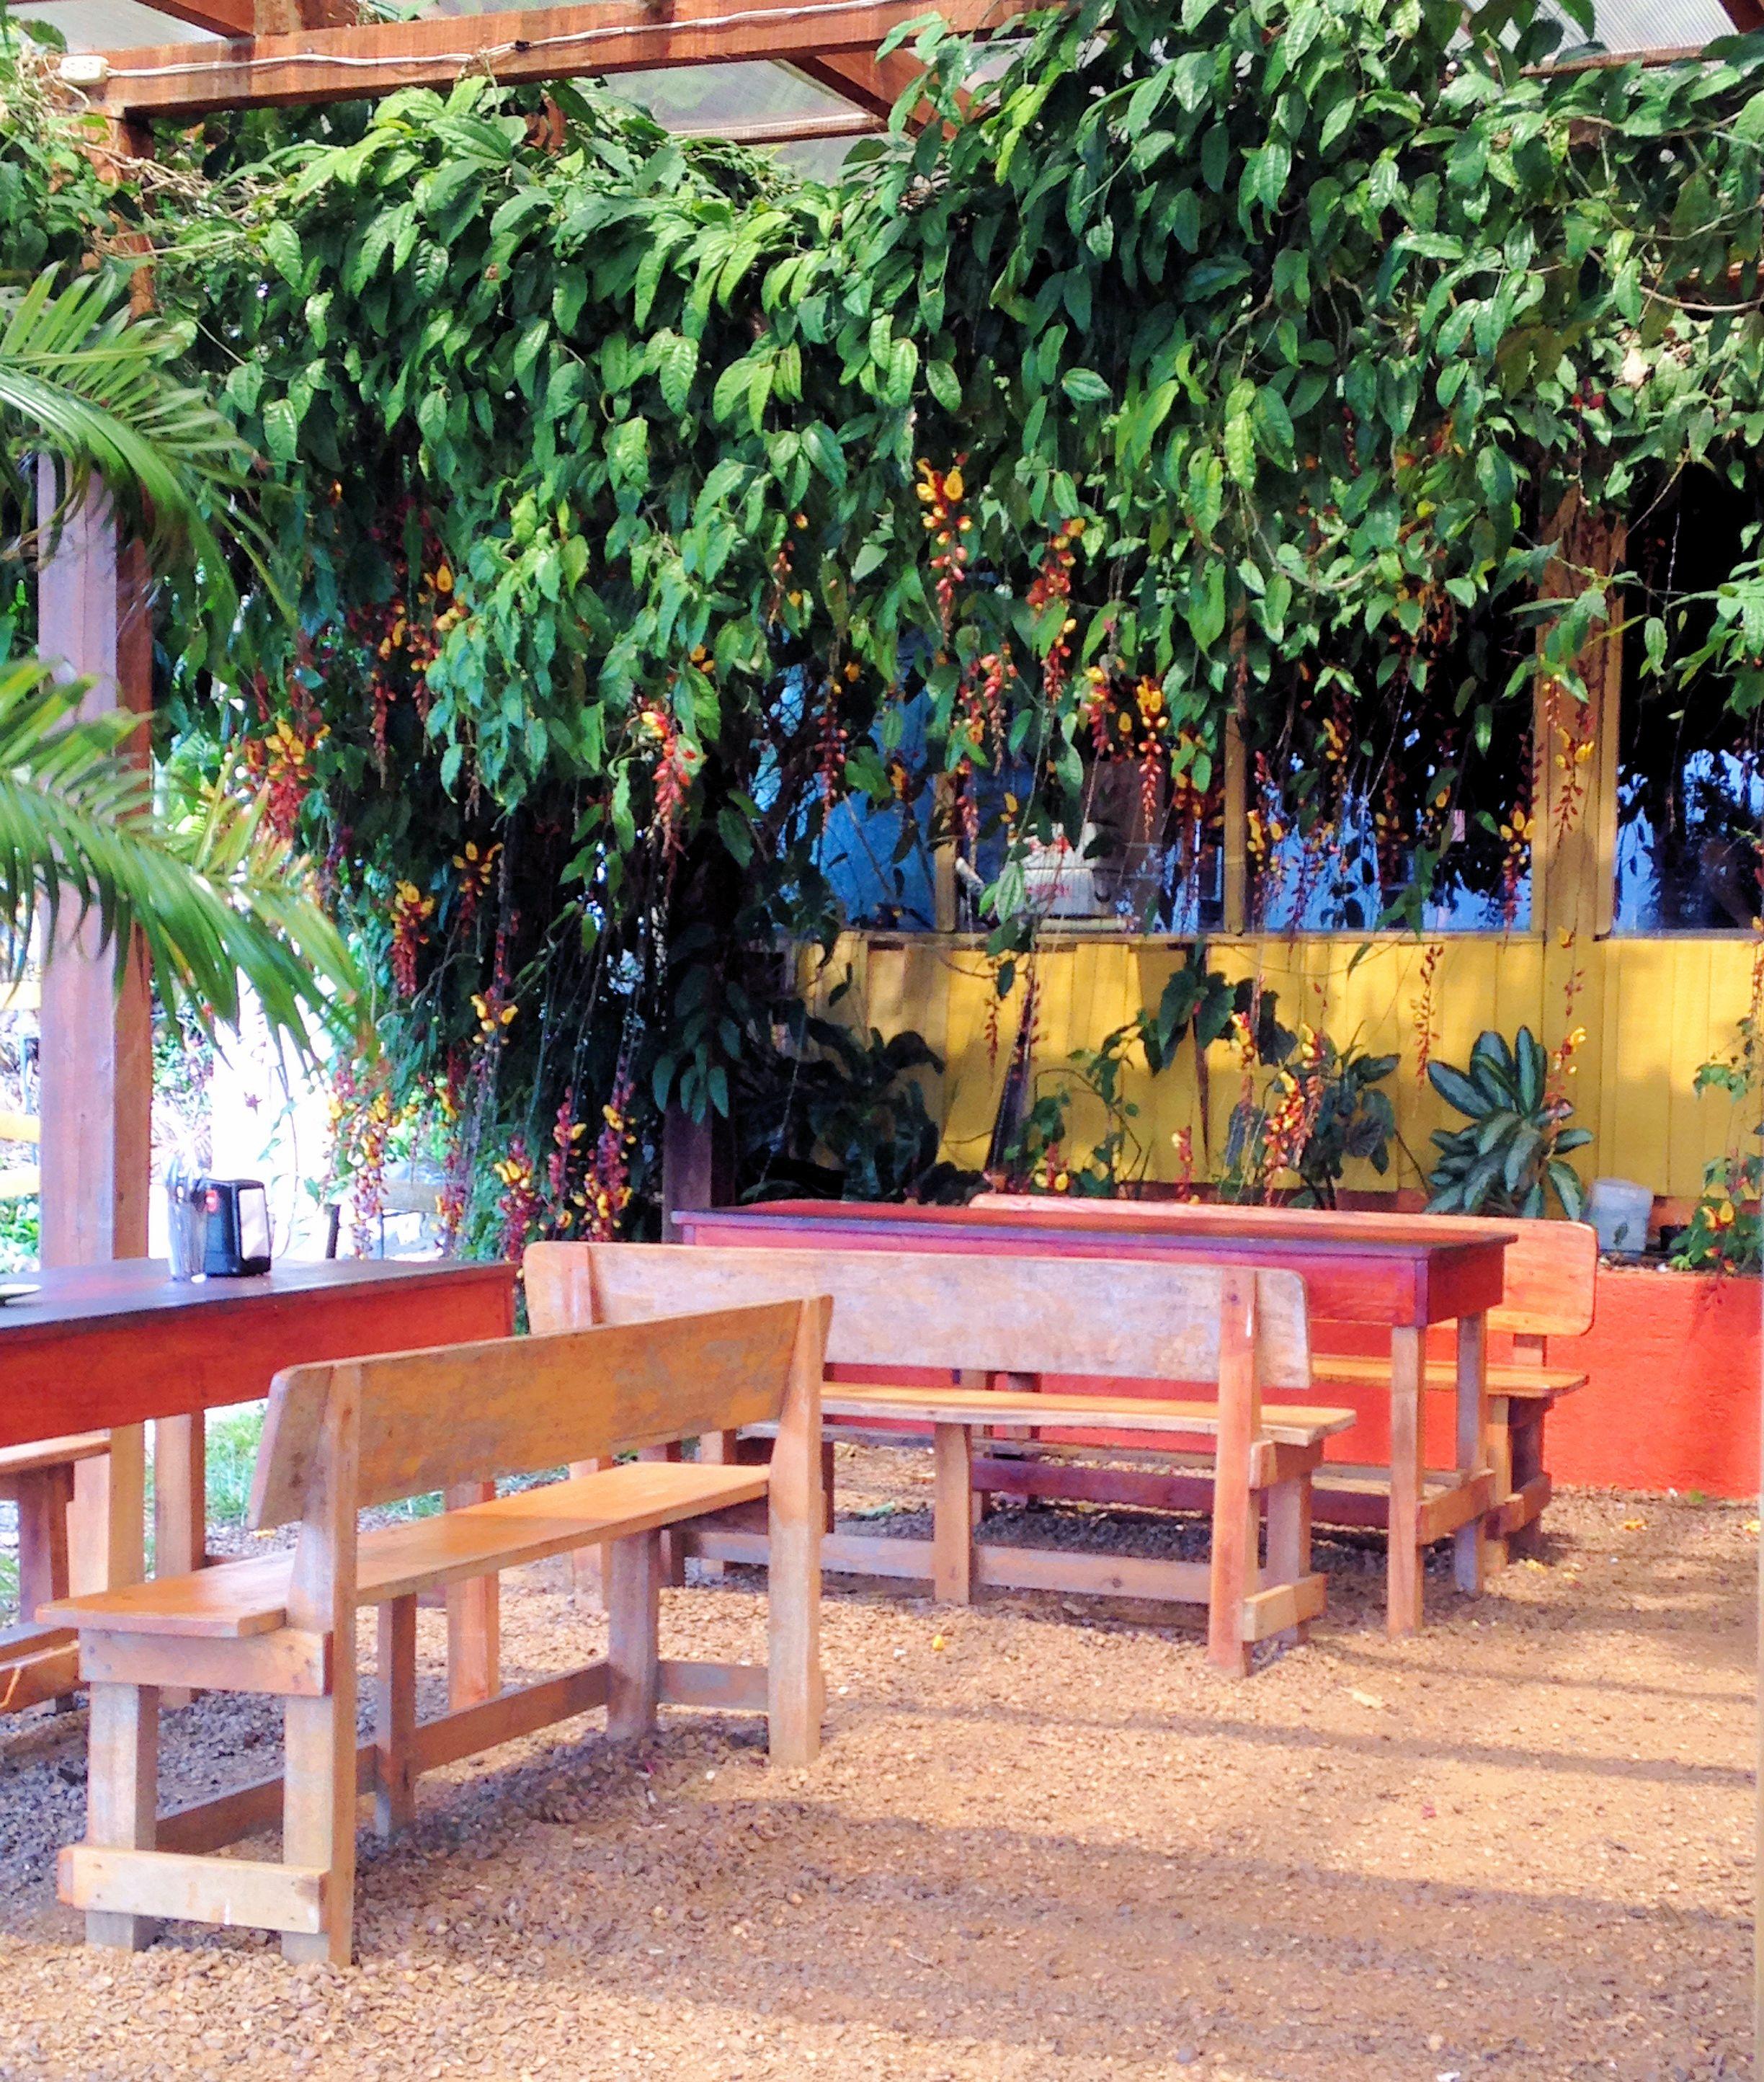 Macadamia Cafe_Costa Rica_Arenal Volcano_Inspired Edibles